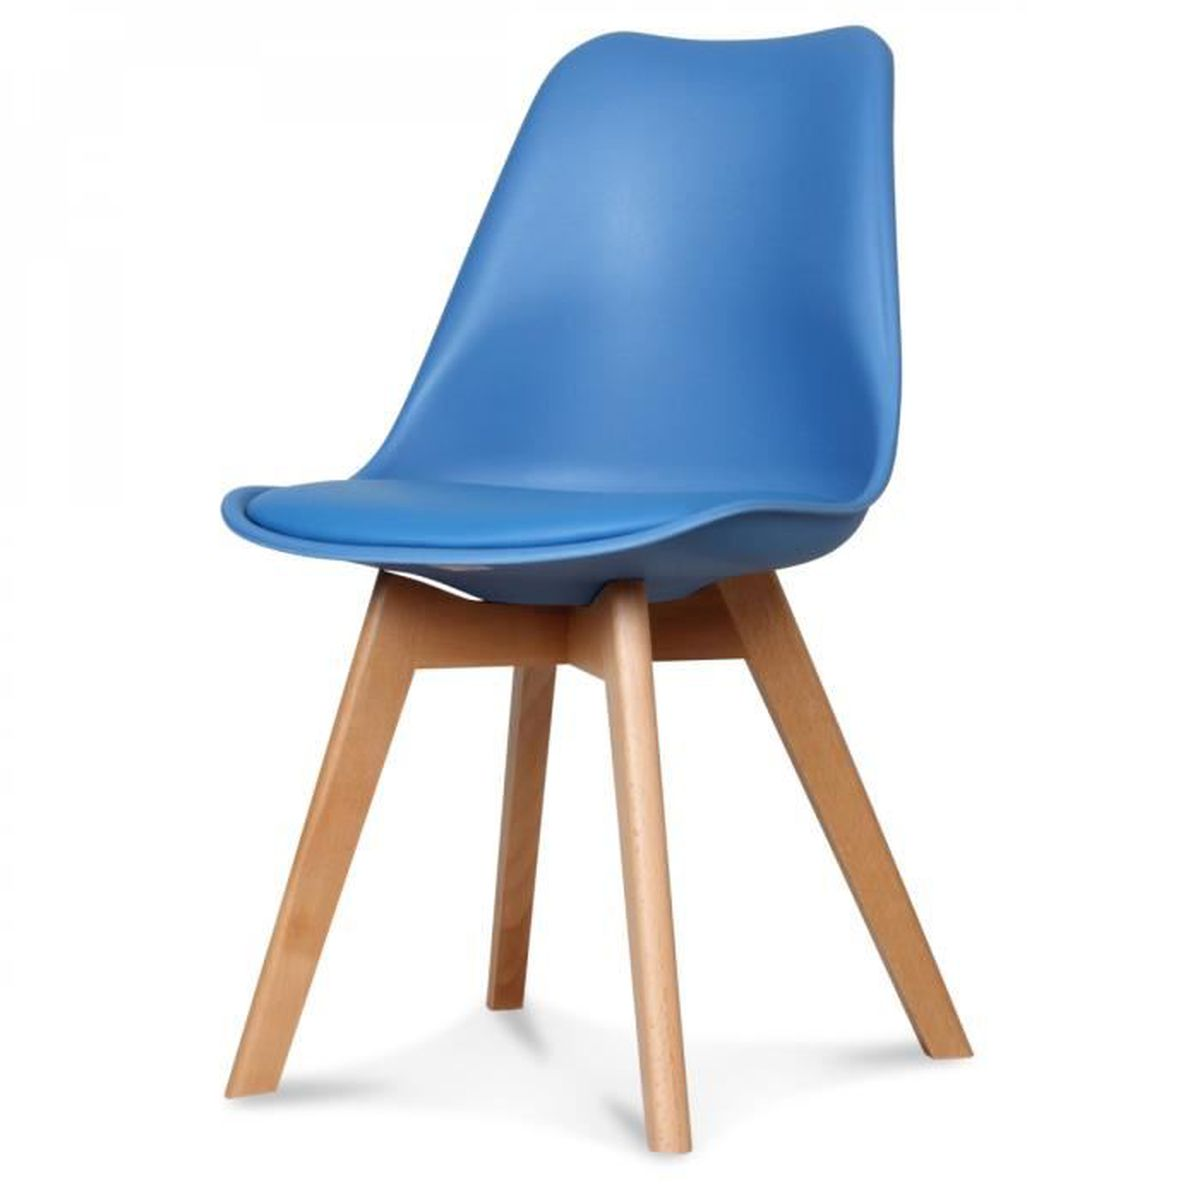 chaise scandinave bleu cdiscount